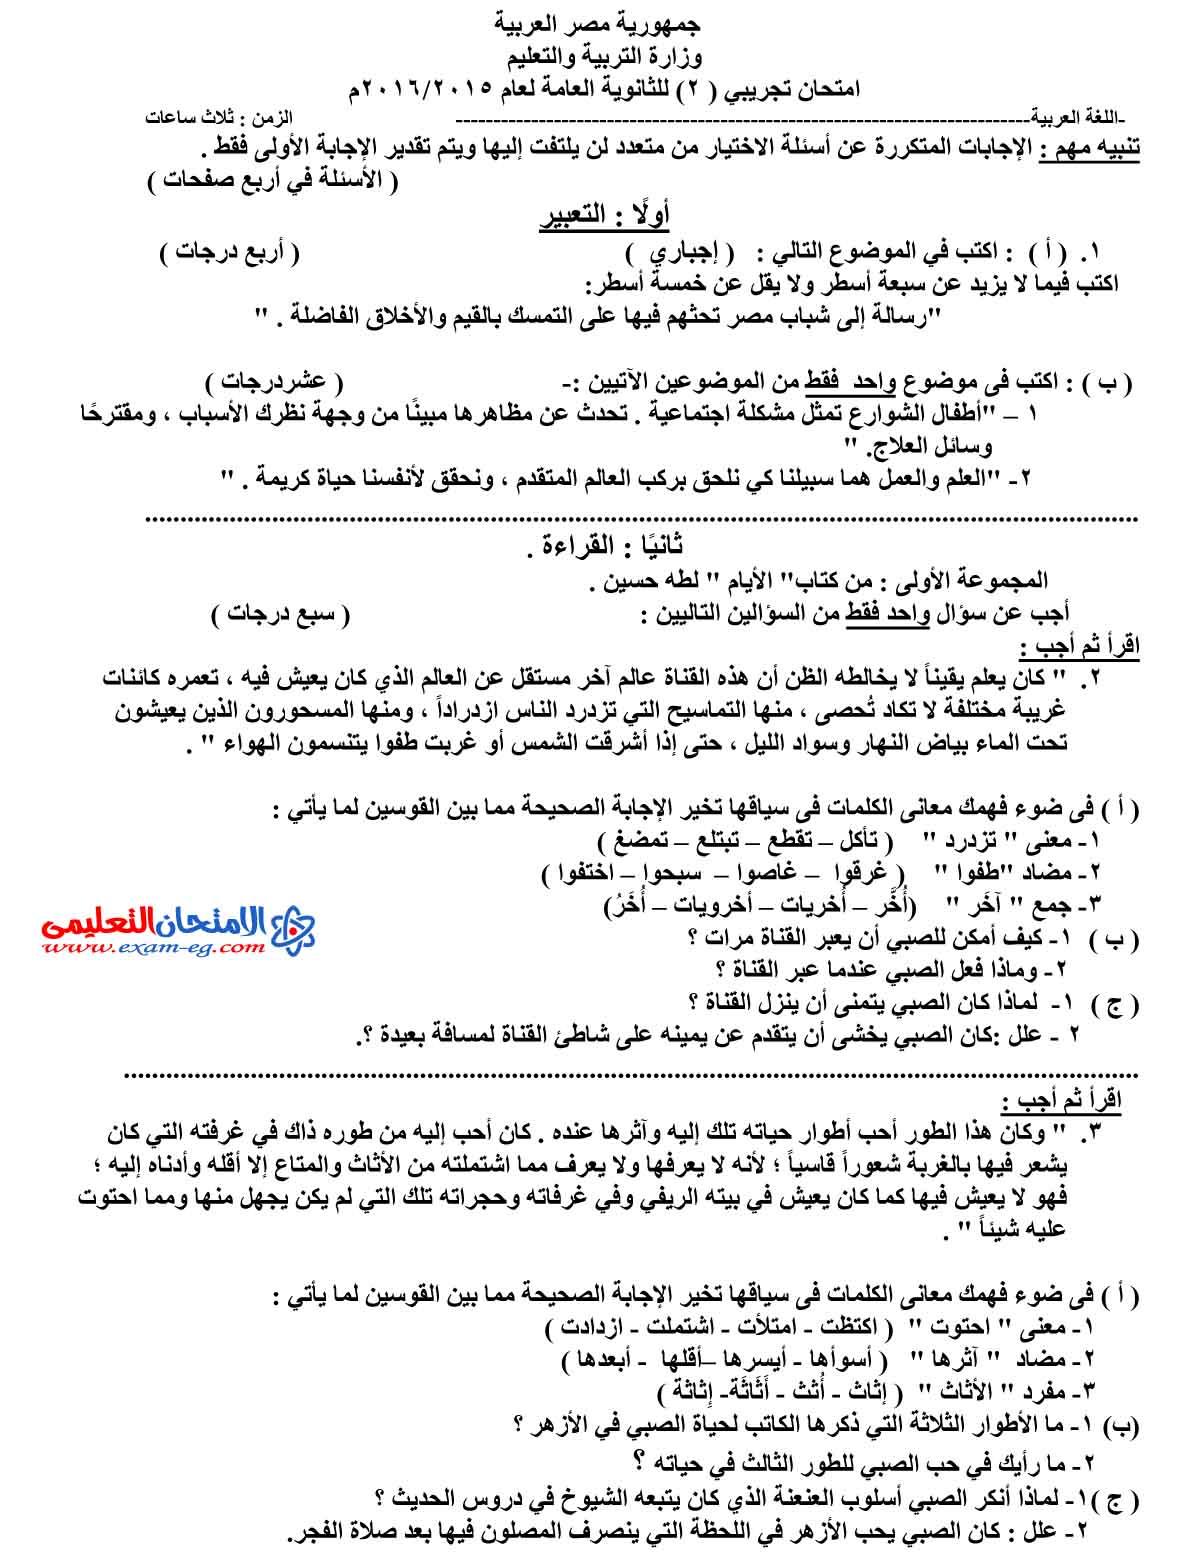 امتحان اللغة العربية 2 - مدرسة اون لاين (1)